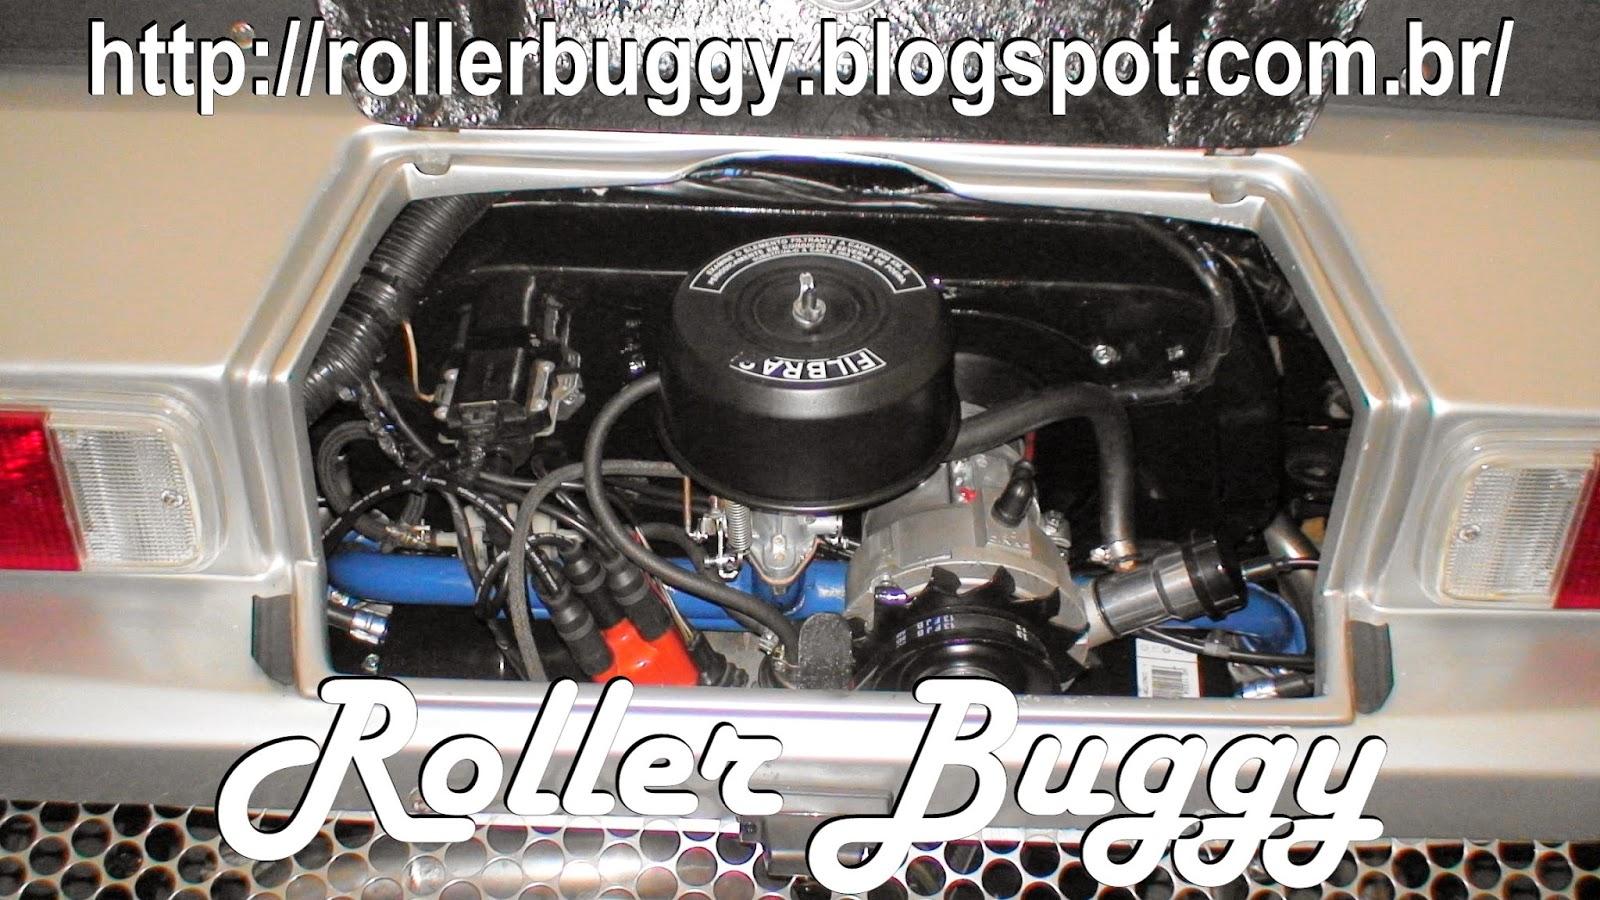 http://rollerbuggy.blogspot.com.br/2015/01/2013-troca-do-motor.html